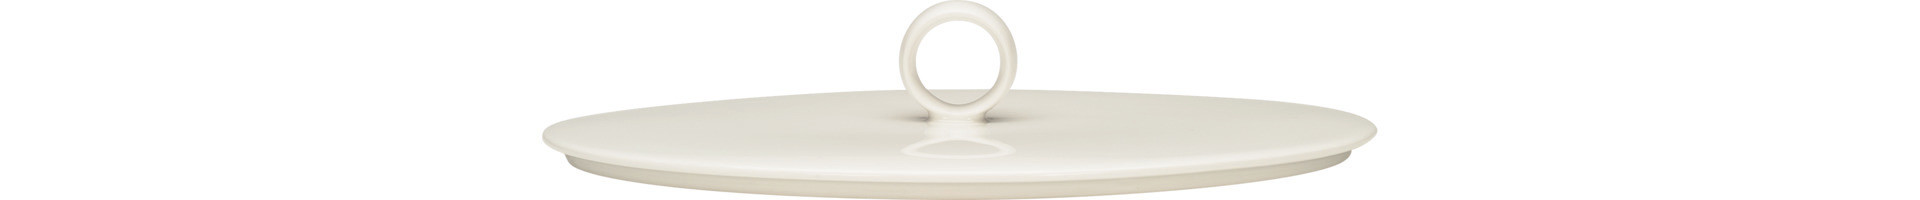 Purity, Deckel oval 122 x 94 mm für 0,18 l Schale